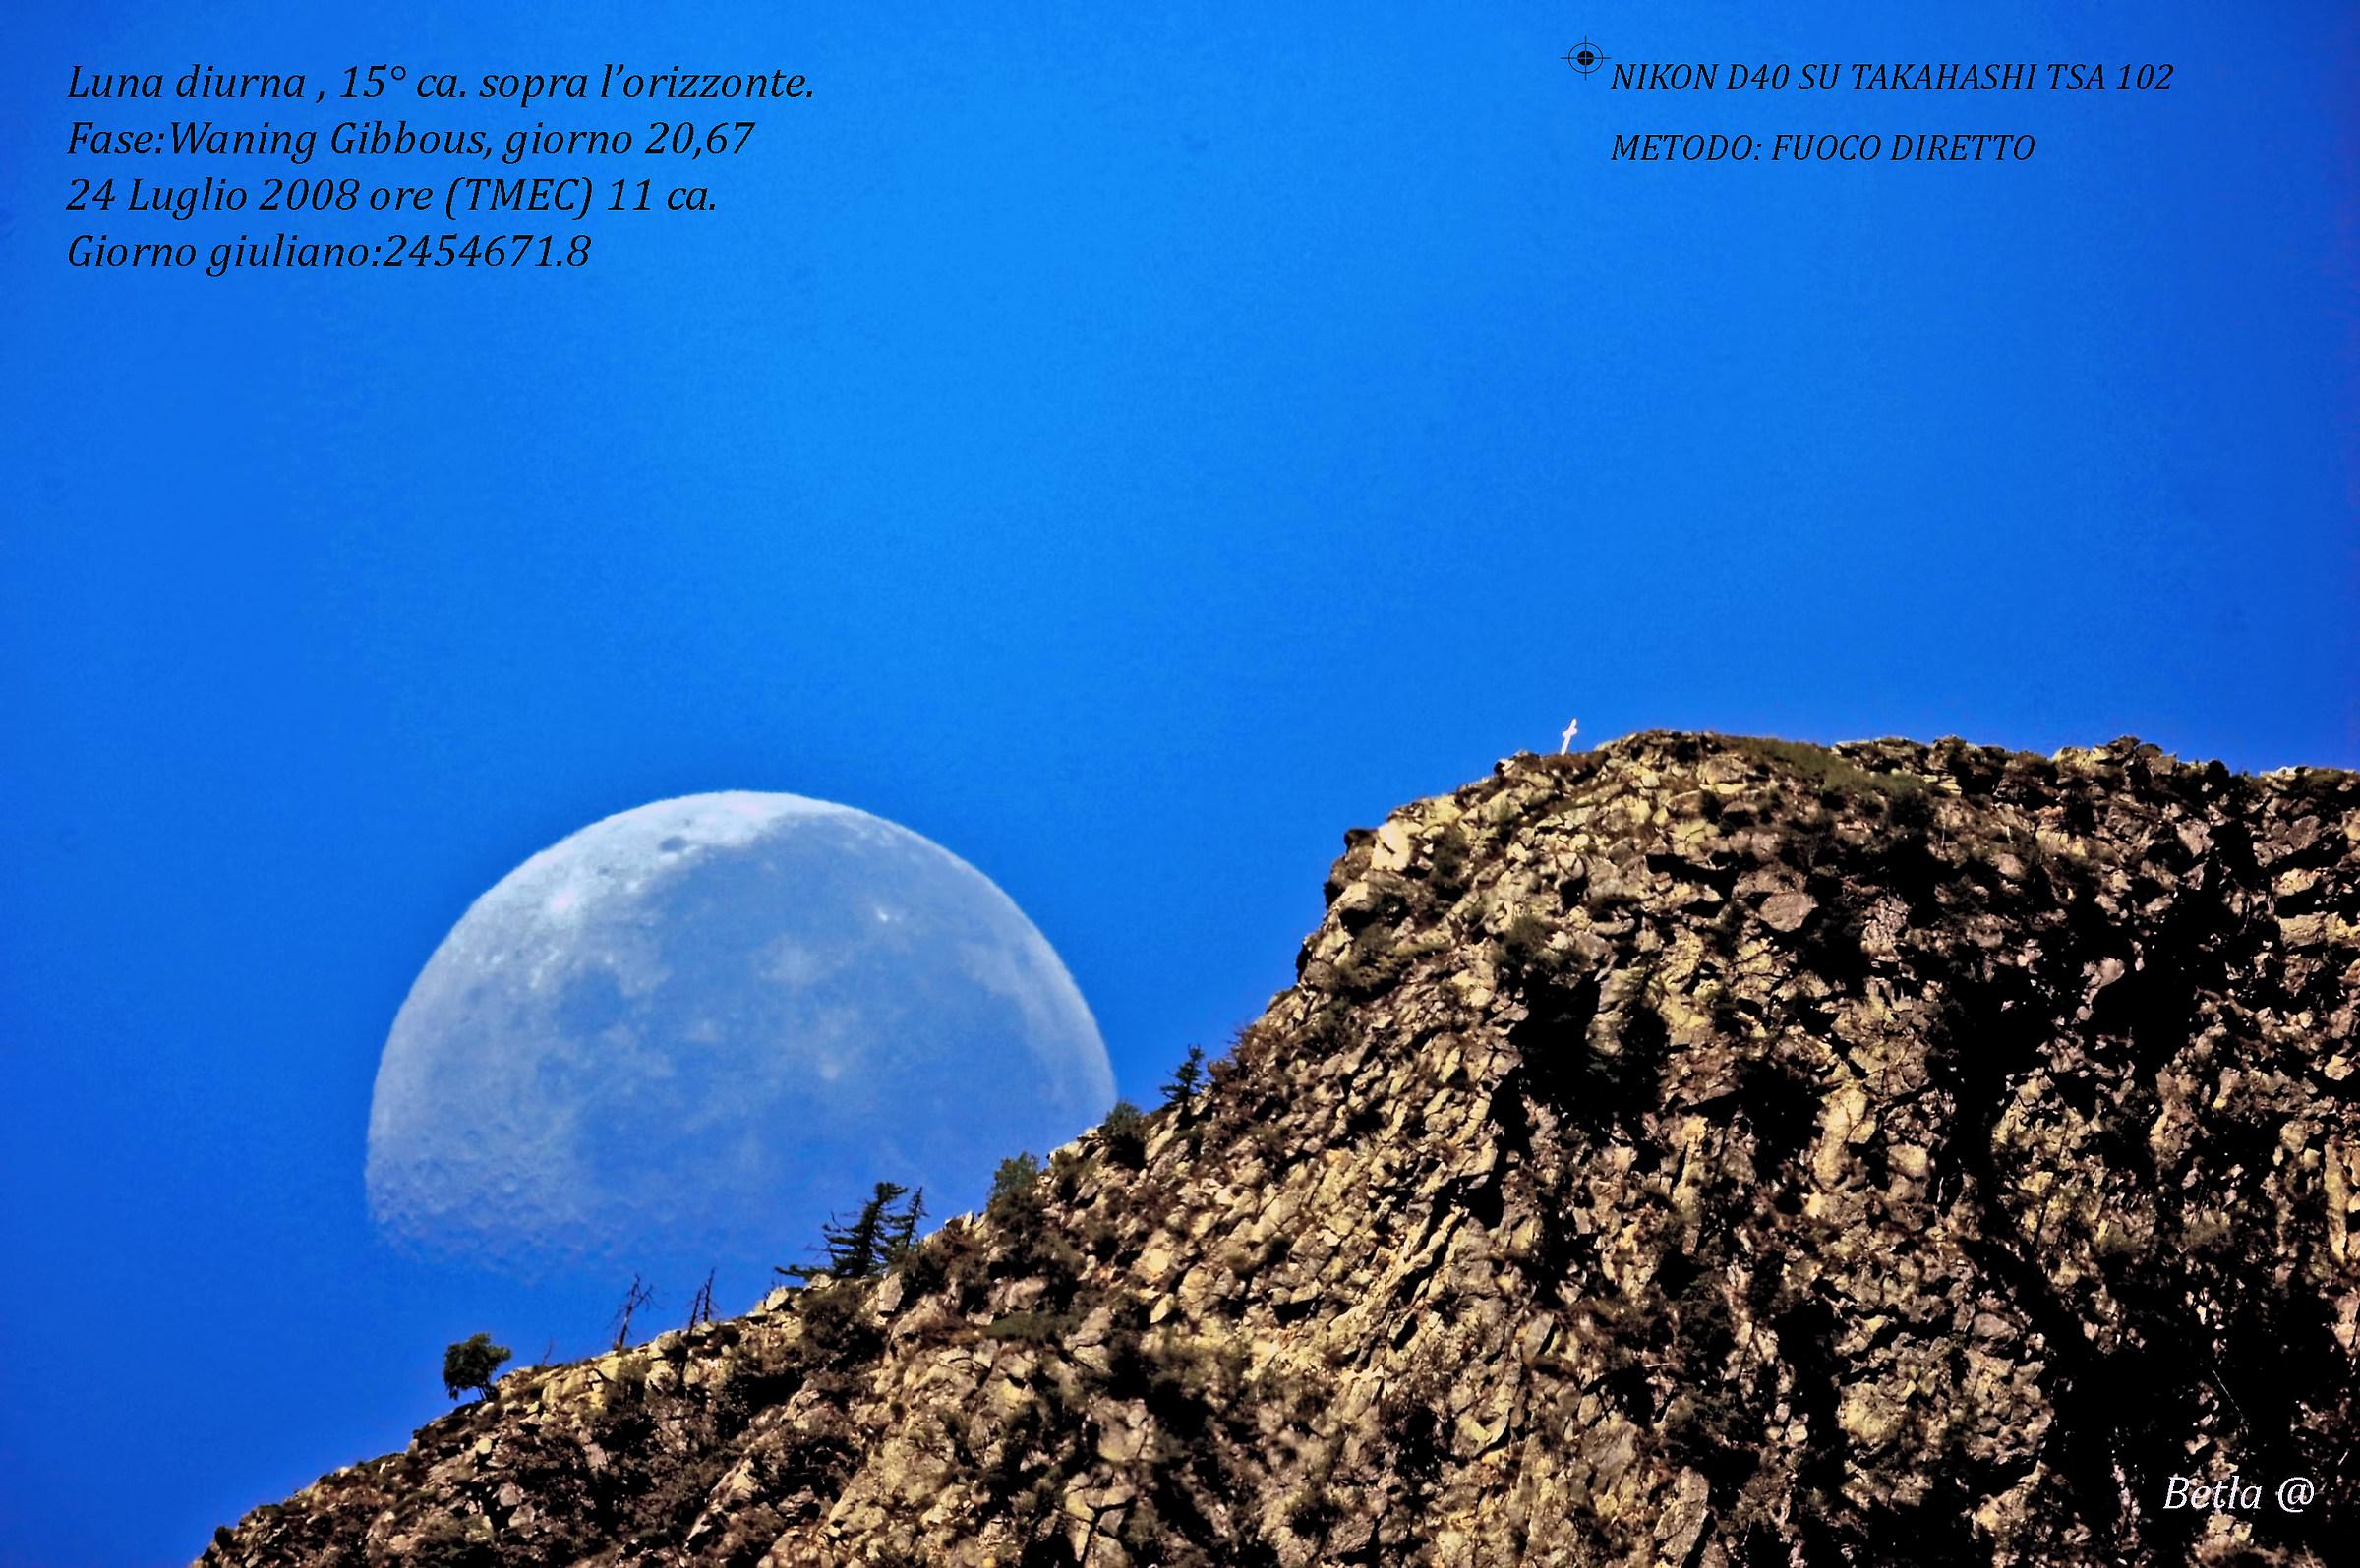 Luna diurna...